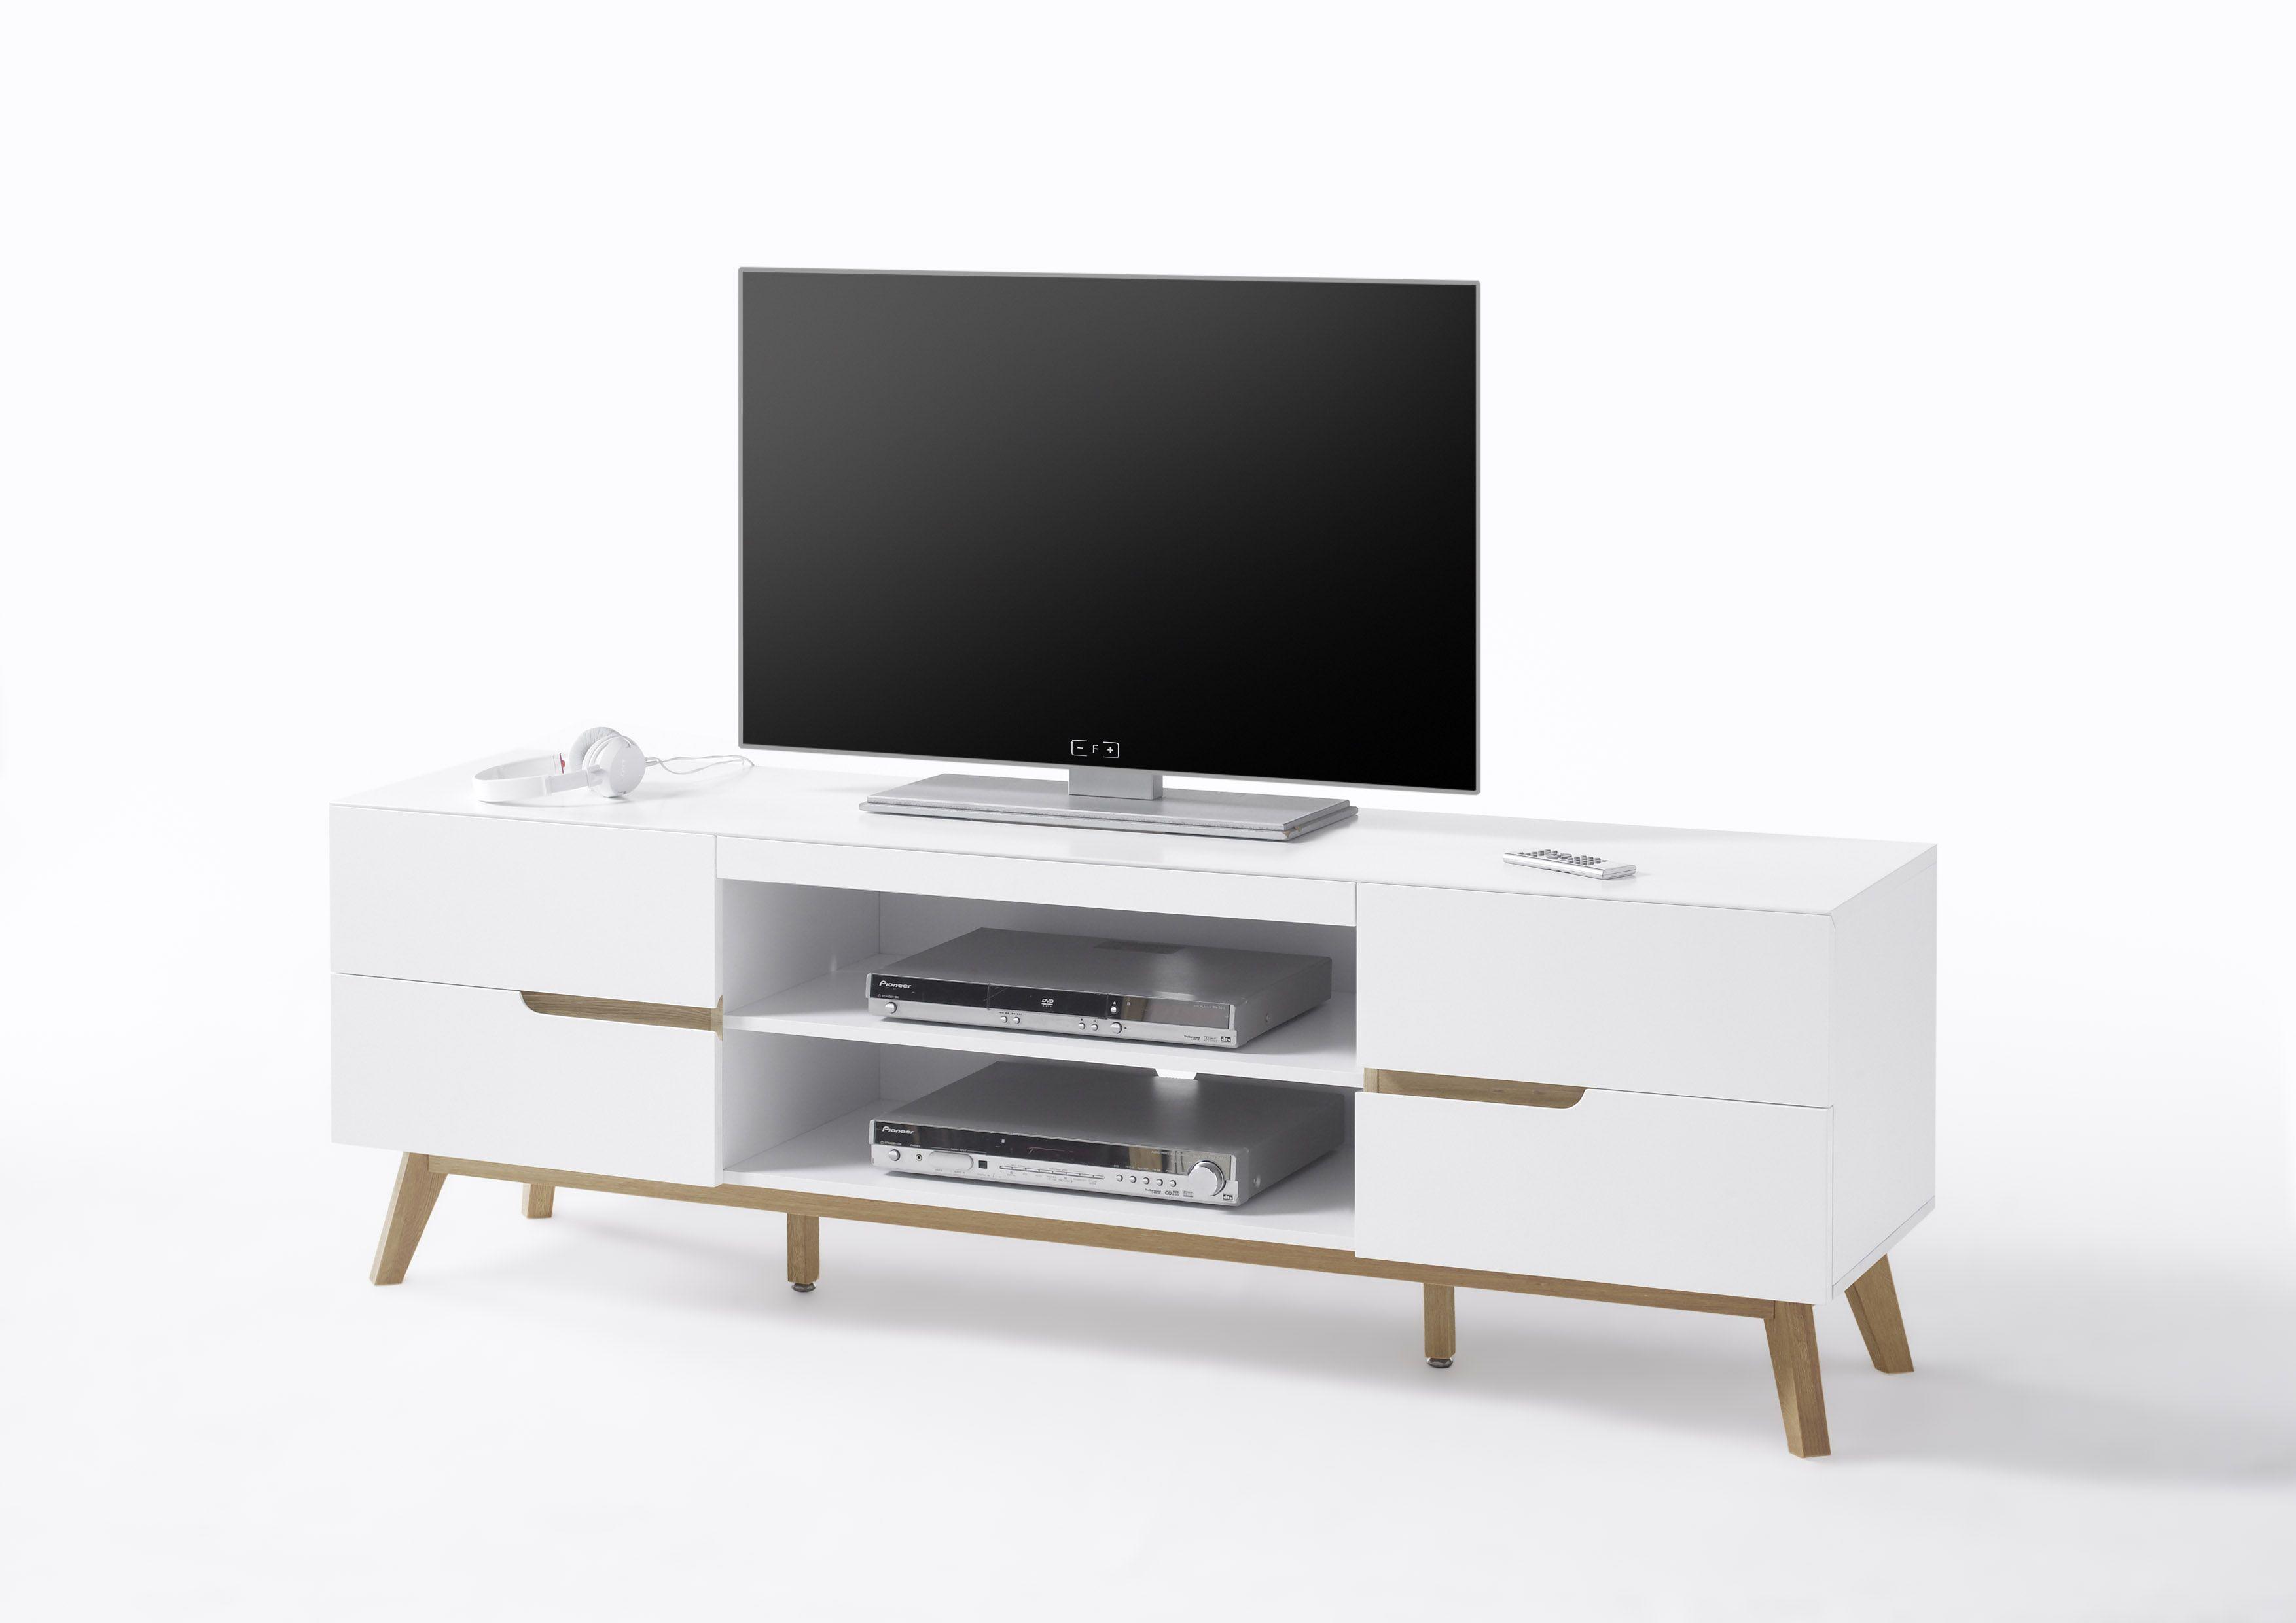 Tv Lowboard Weiss Matt/ Eiche Woody 41 02624 Holz Modern Jetzt Bestellen  Unter